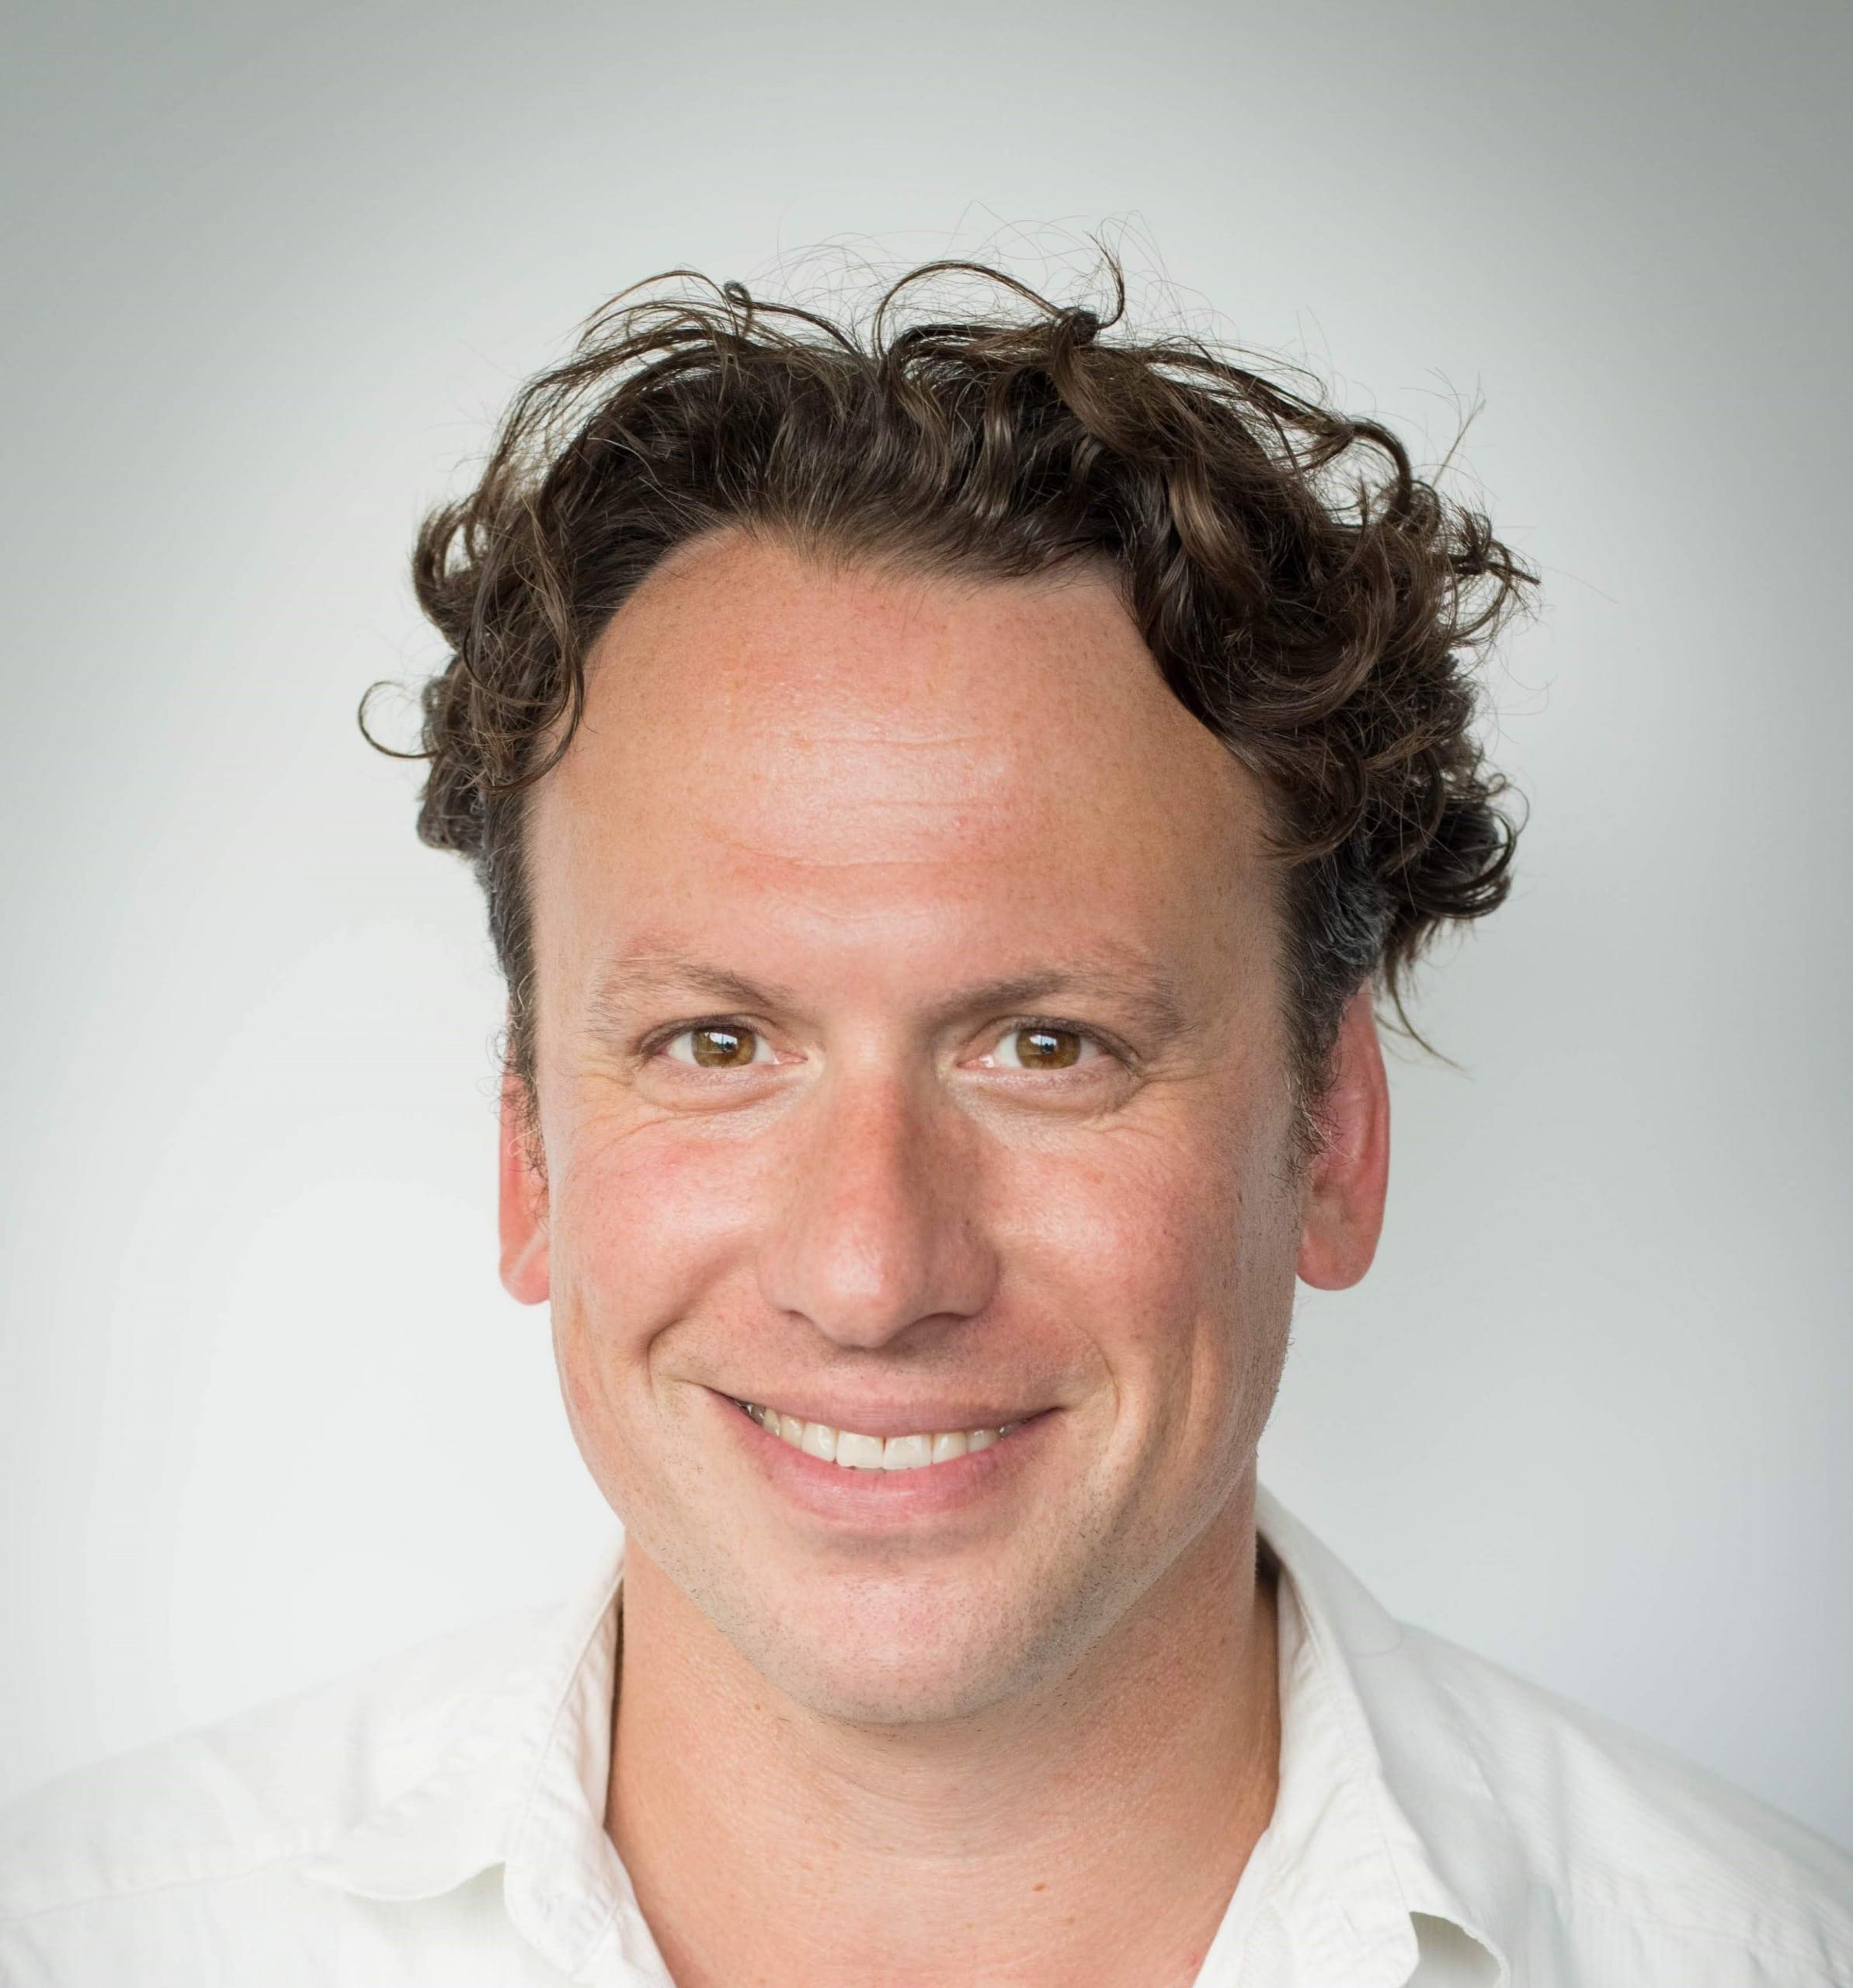 Arjen Mulder